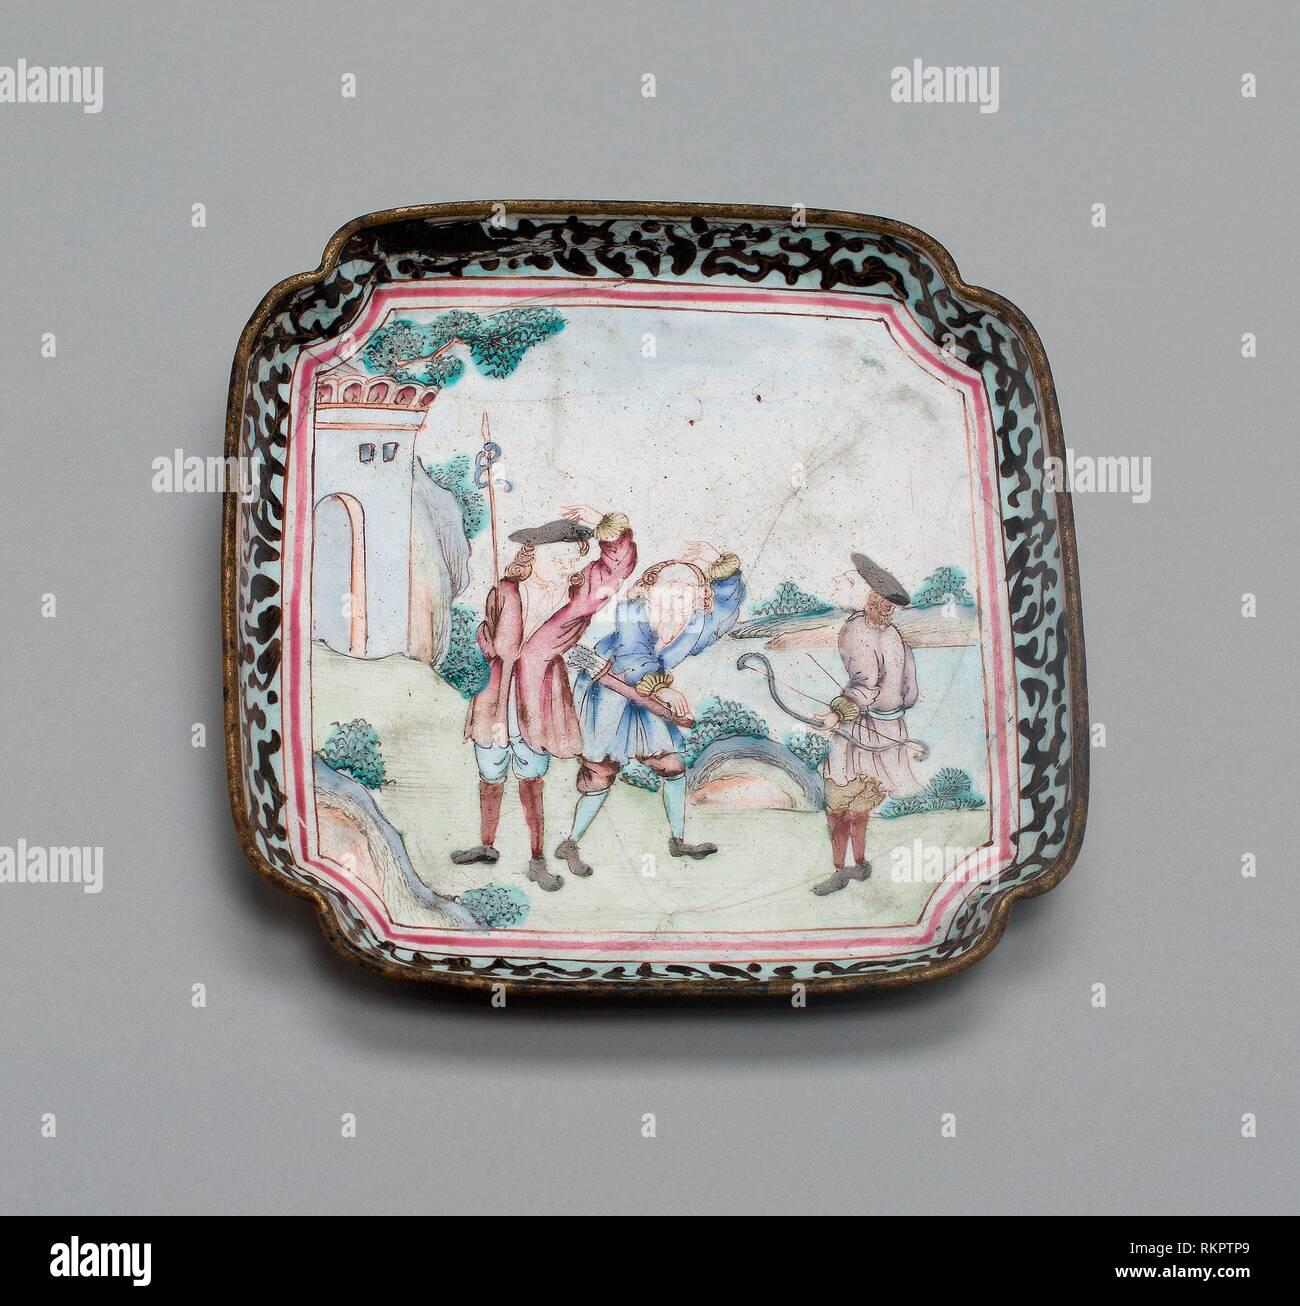 Vassoio - 1730/70 - Cina - Origine: Cina, data: 1730-1770, media: smalti policromi su rame, dimensioni: 1,3 × 10,2 × 10,2 cm (1/2 × 4 × 4). Immagini Stock